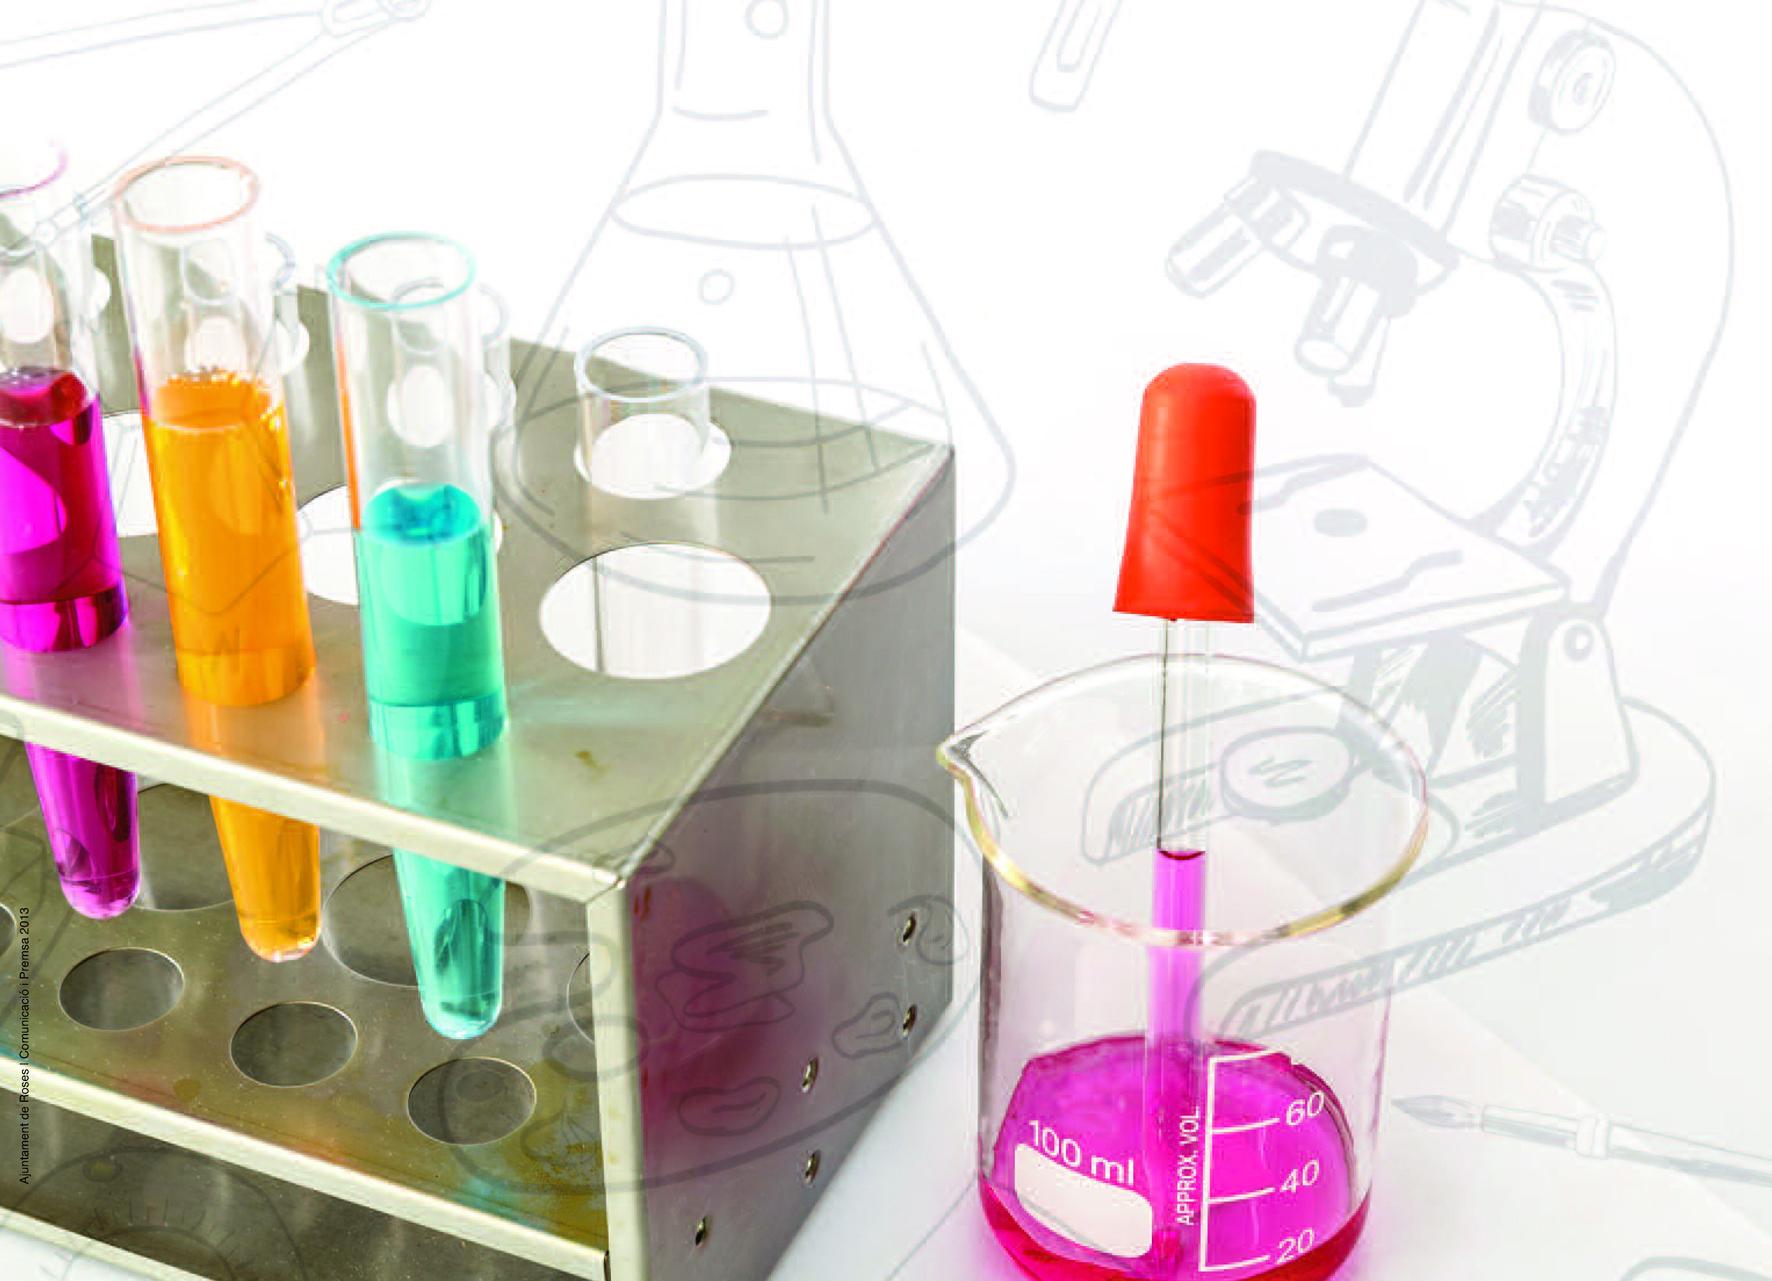 """Experiments presentats per alumnes i una xerrada científica formen la """"I Jornada de la Ciència de Roses"""""""